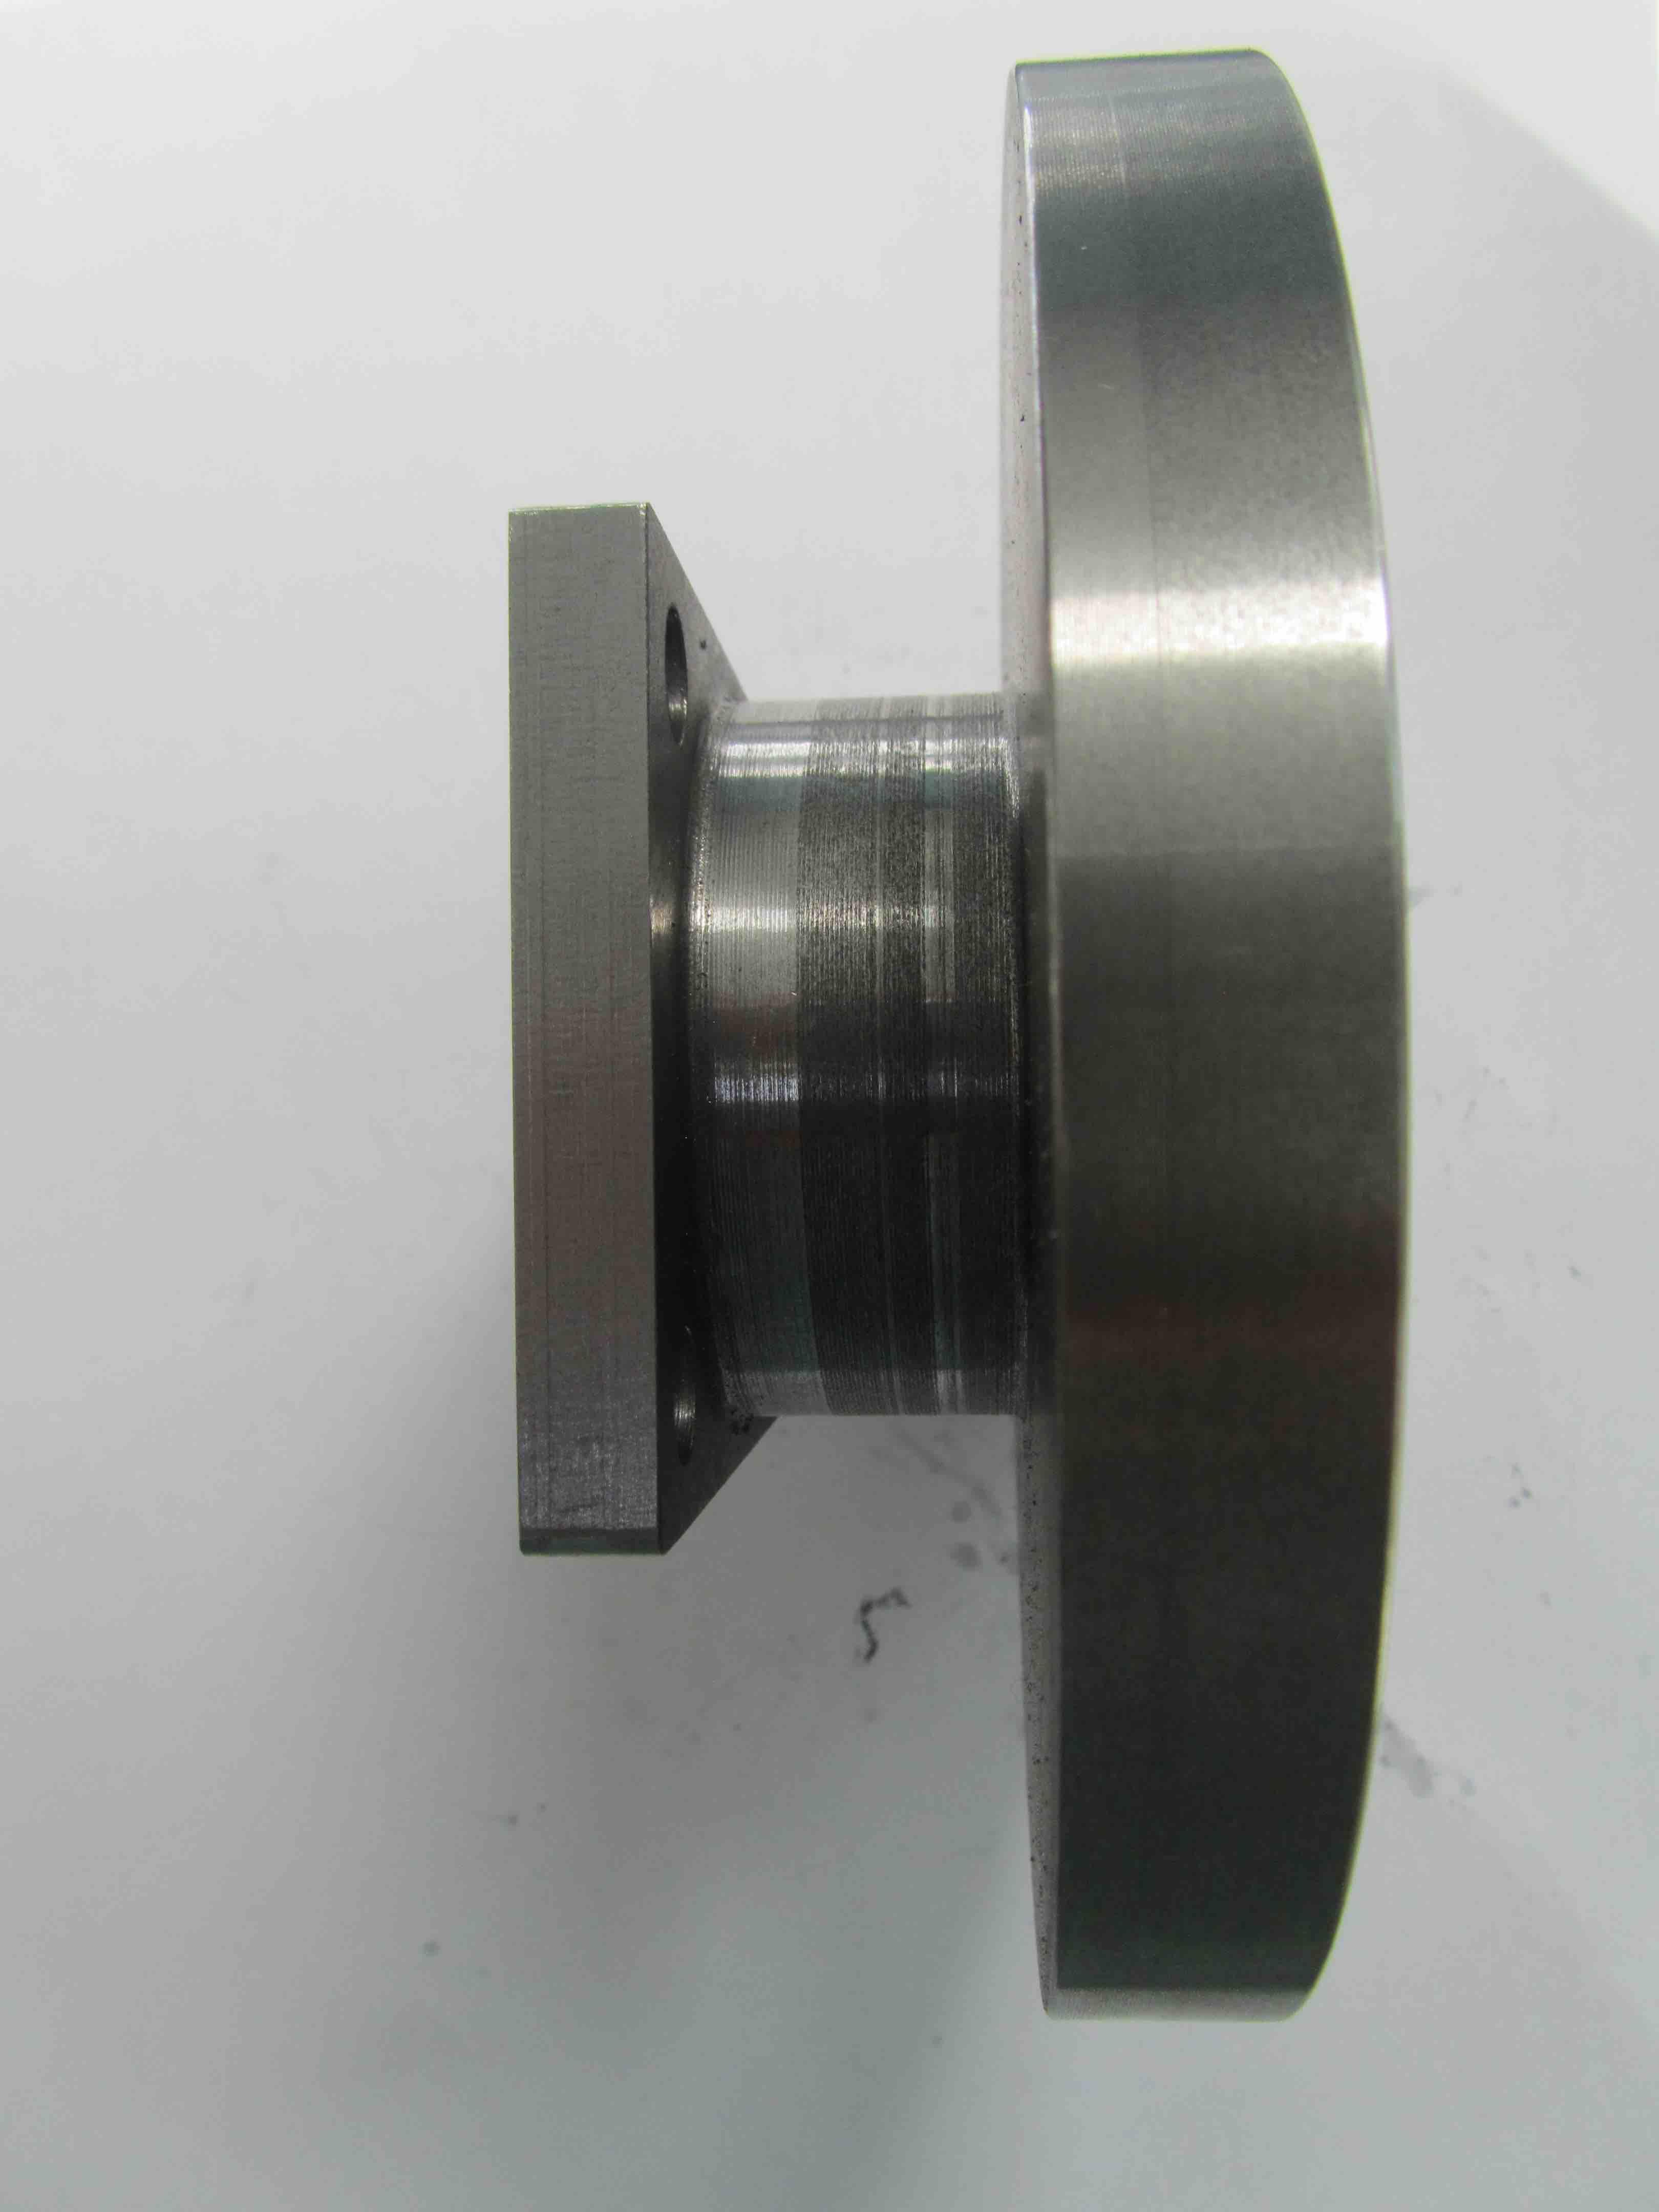 BHA-1 MK1 Intermediate Flange